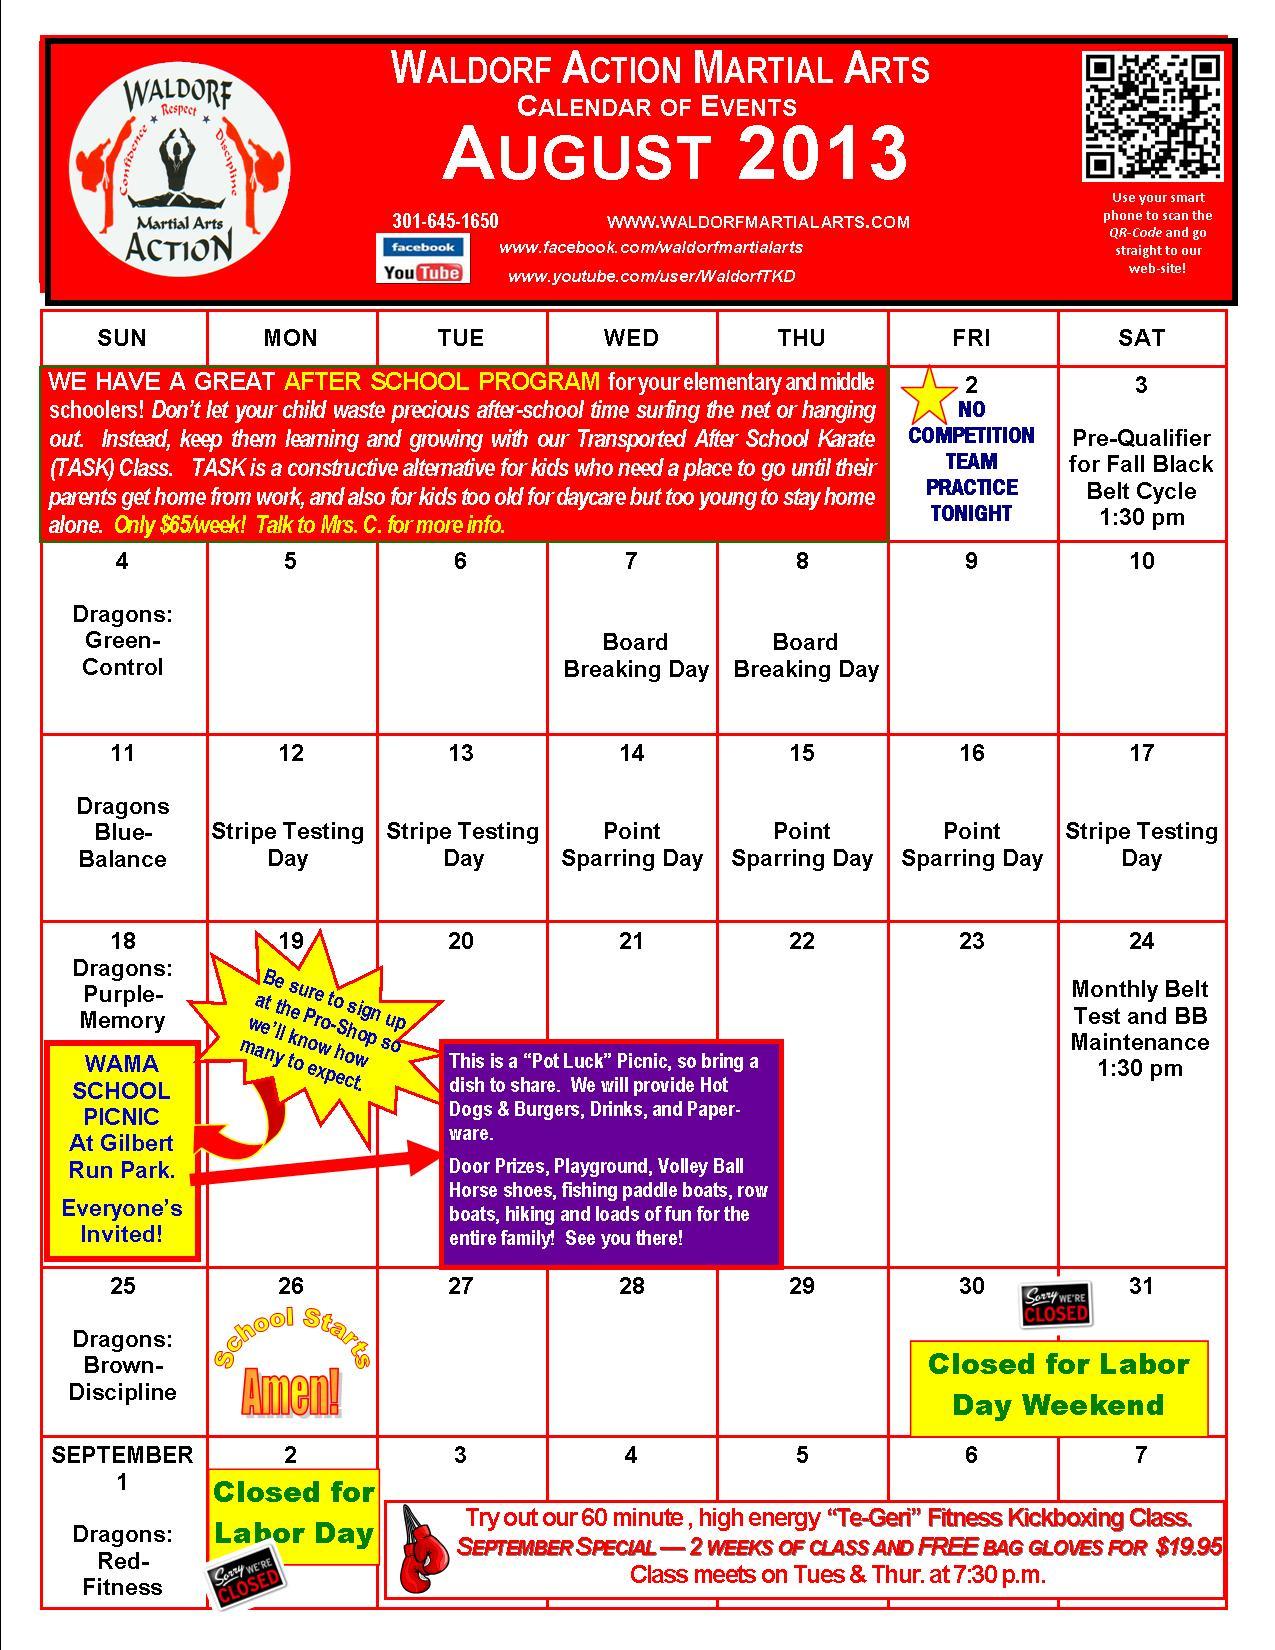 Art Events Calendar : Calendar events waldorf martial arts